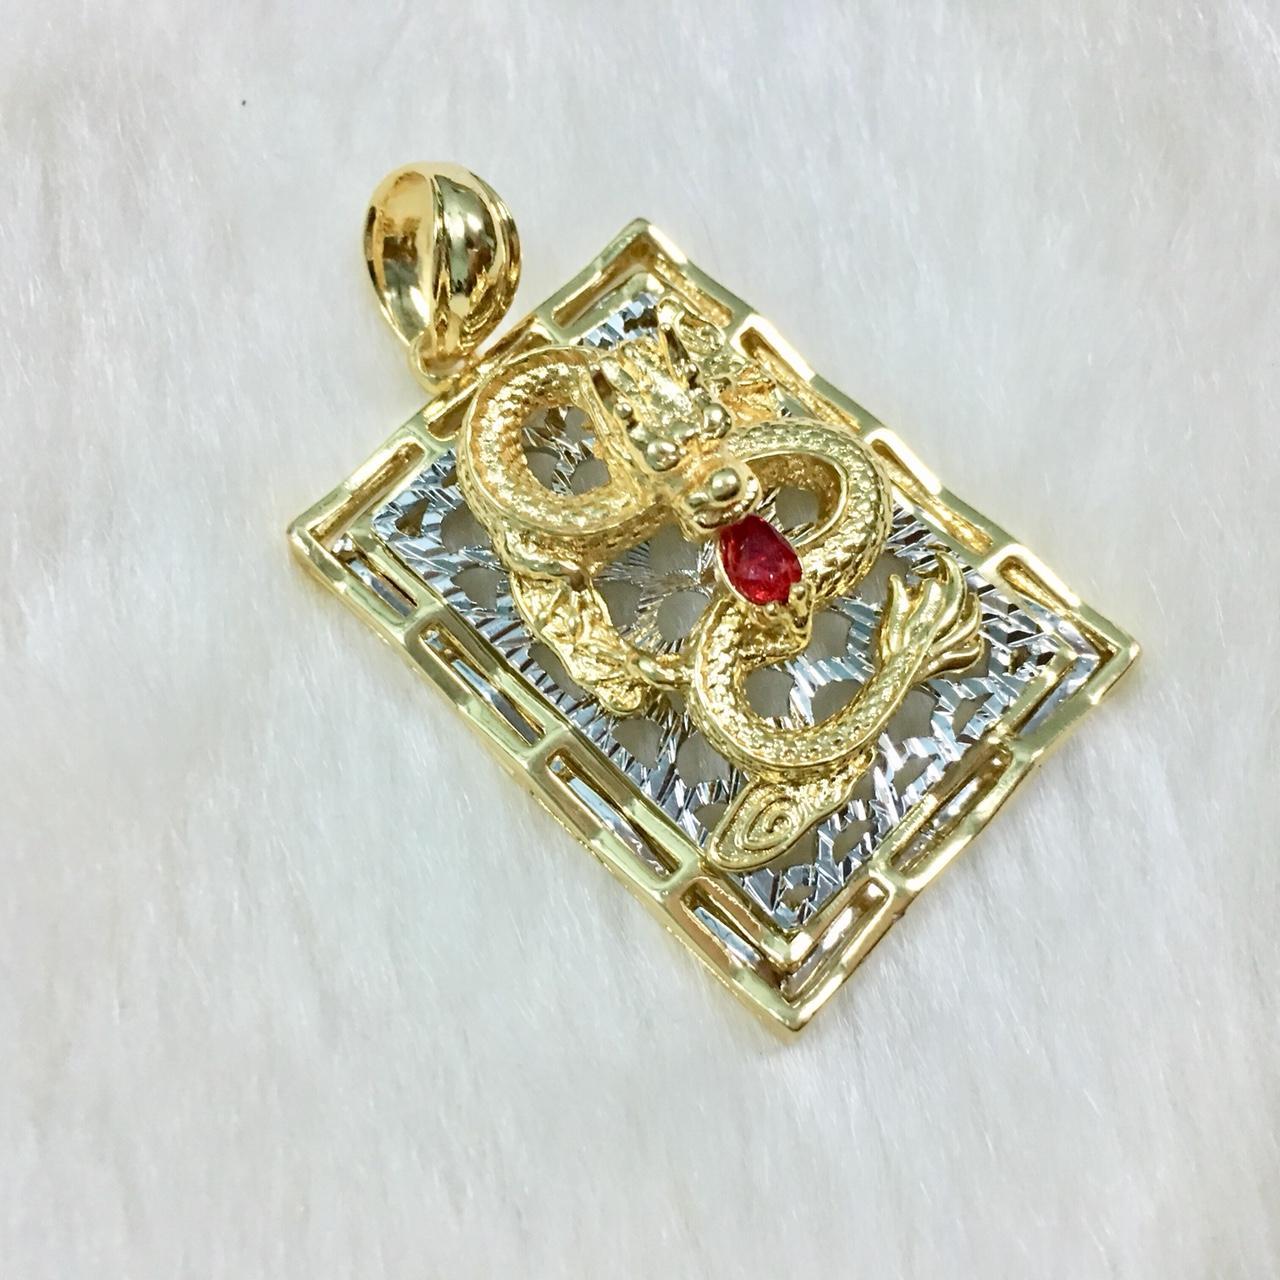 Dây chuyền nam mặt chạm rồng bay ngậm ngọc đỏ độc đáo RD01 (dây vàng, dây 2màu vàng-trắng + mặt, có kèm túi nhung cao cấp)